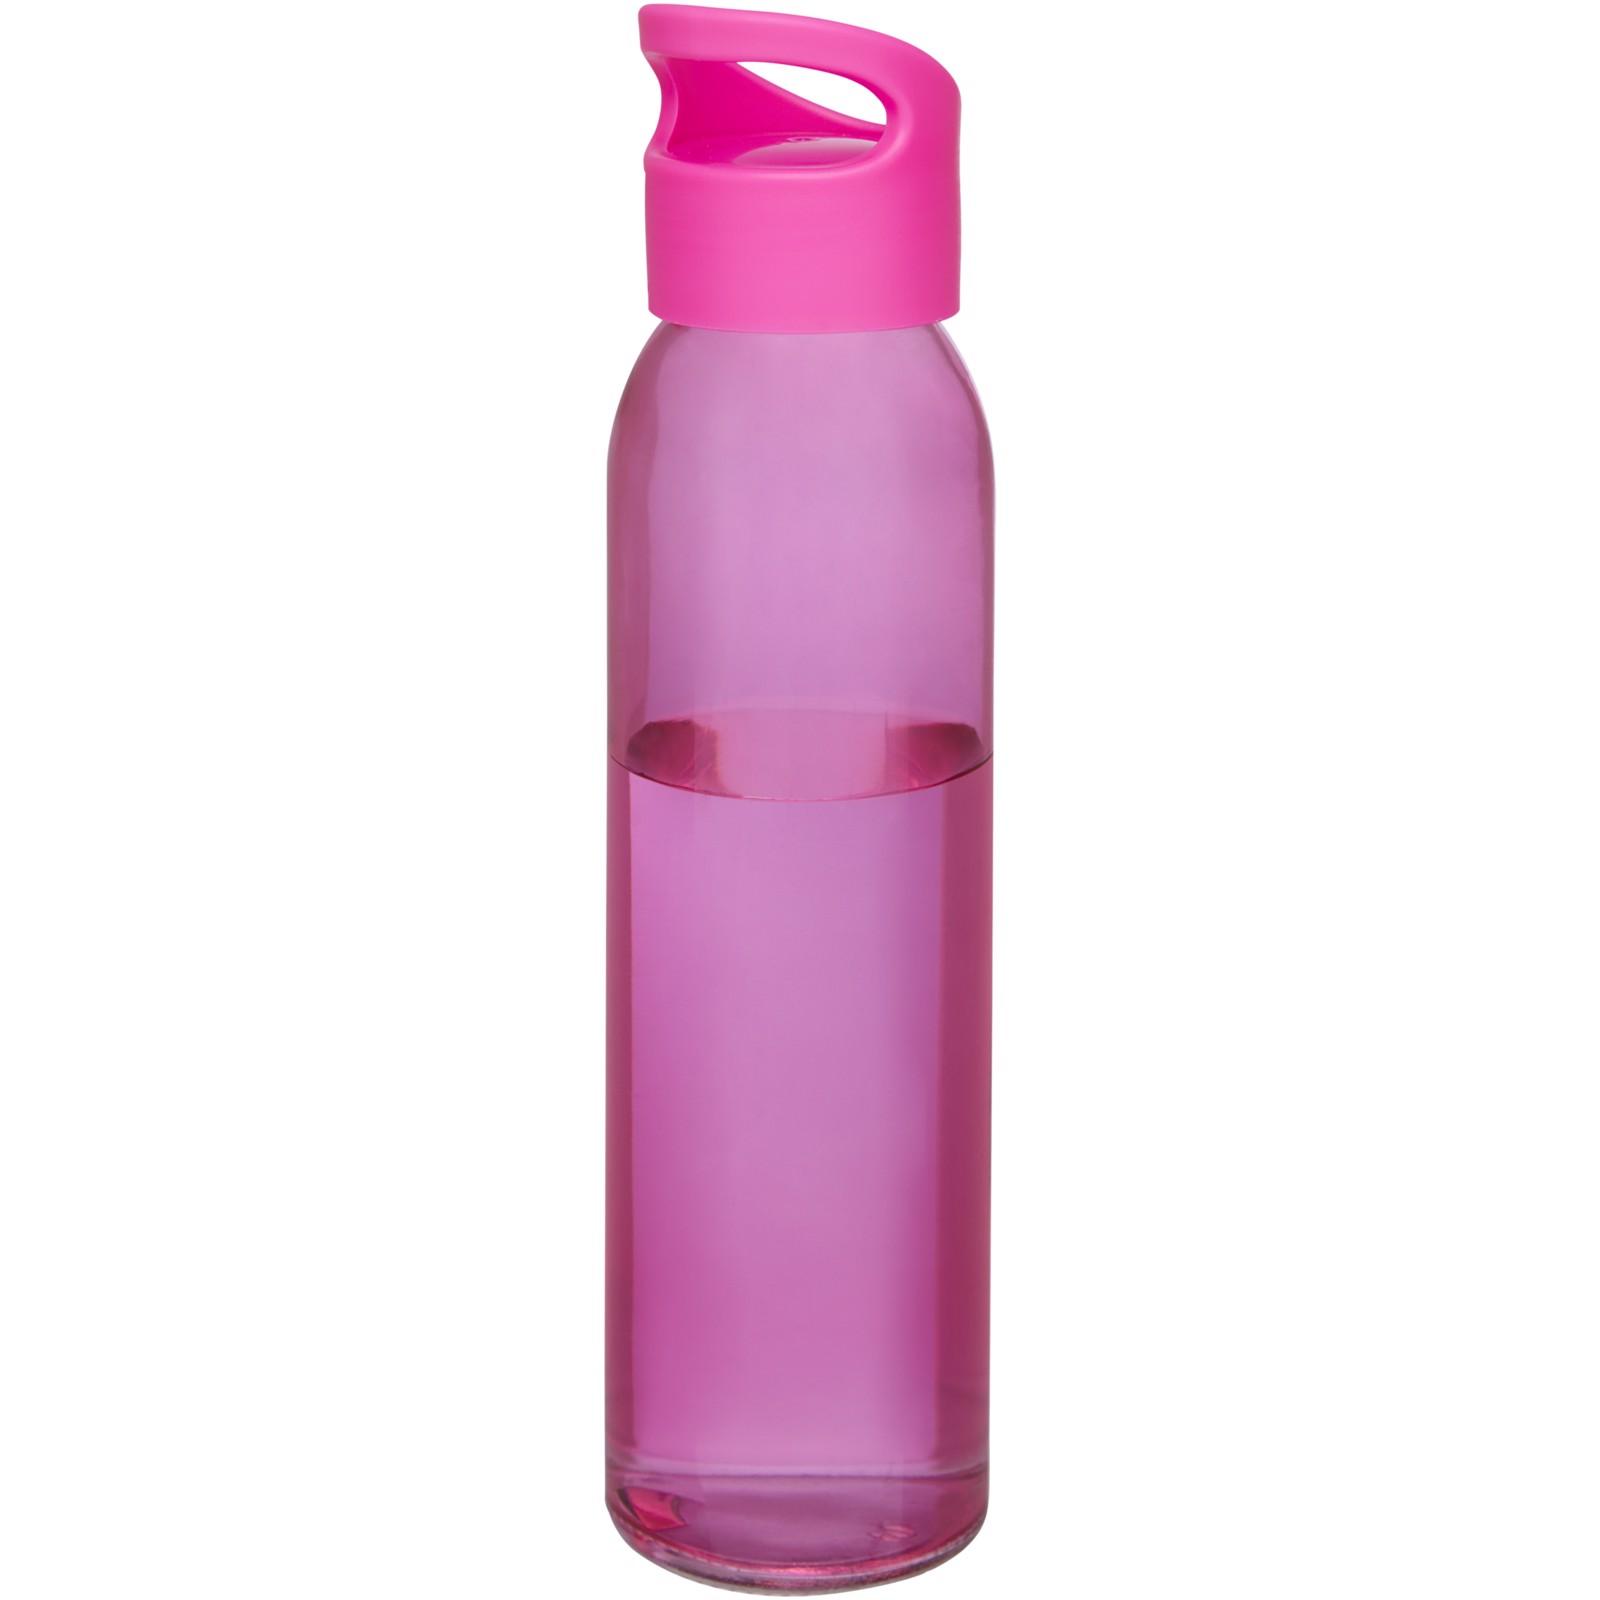 Sky 500 ml glass sport bottle - Pink